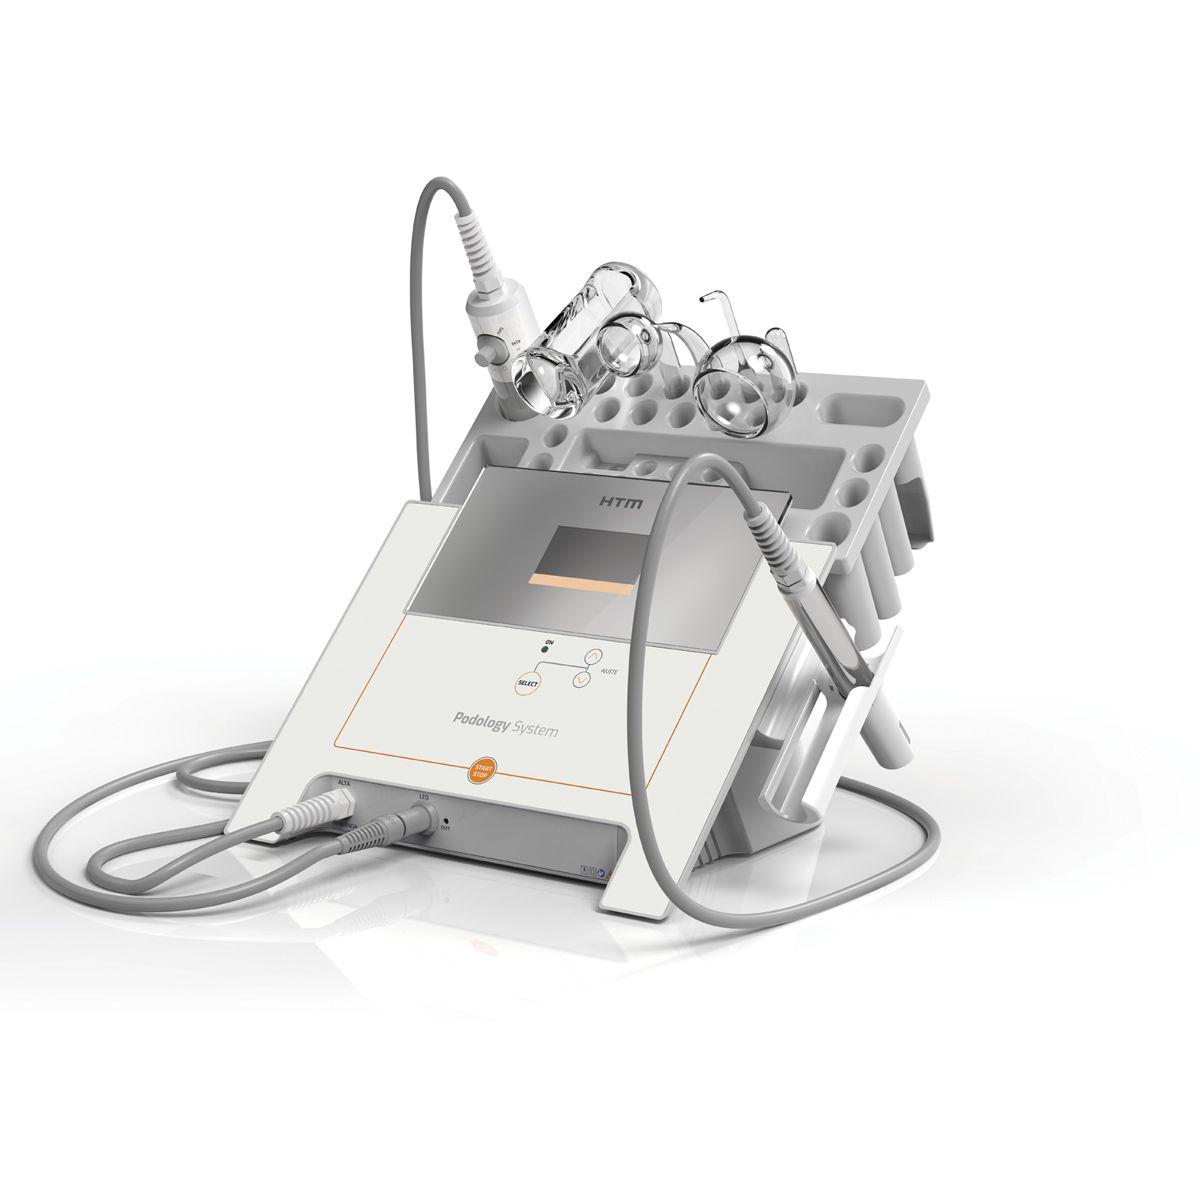 Podology System para Podologia - HTM